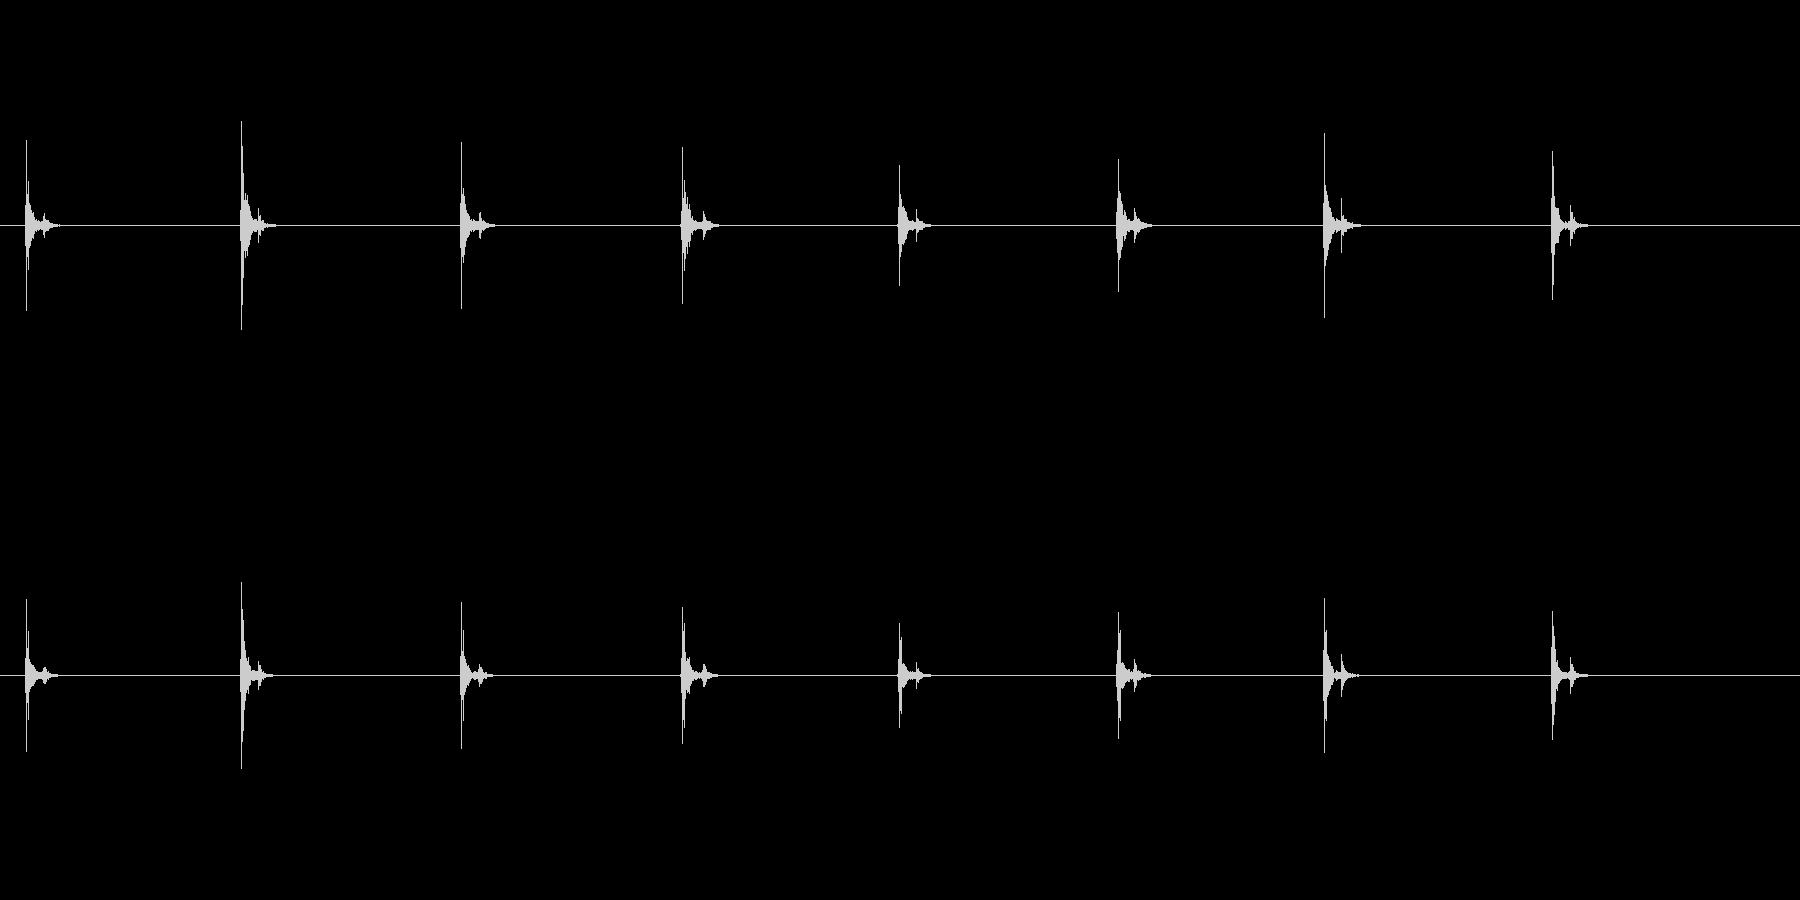 PC キーボード06-16(遠い 単発 の未再生の波形